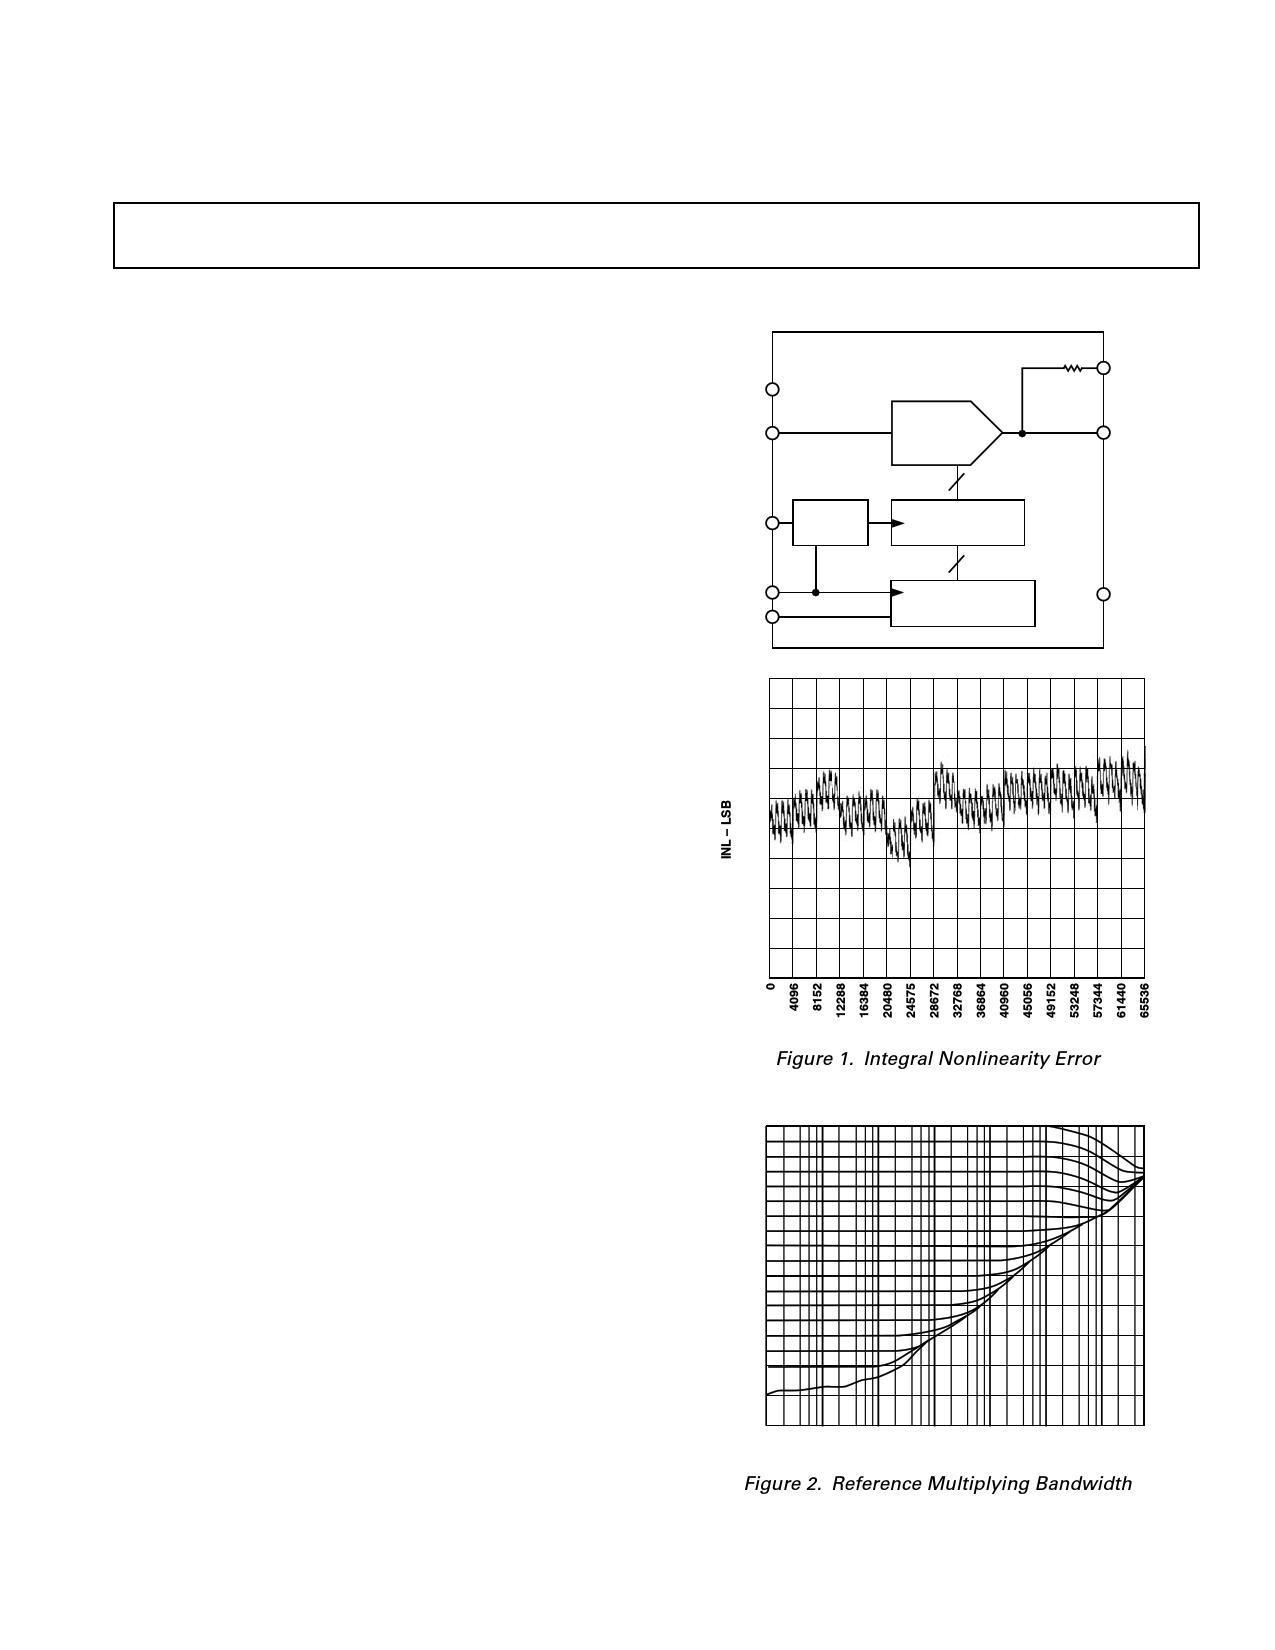 AD5553 Hoja de datos, Descripción, Manual